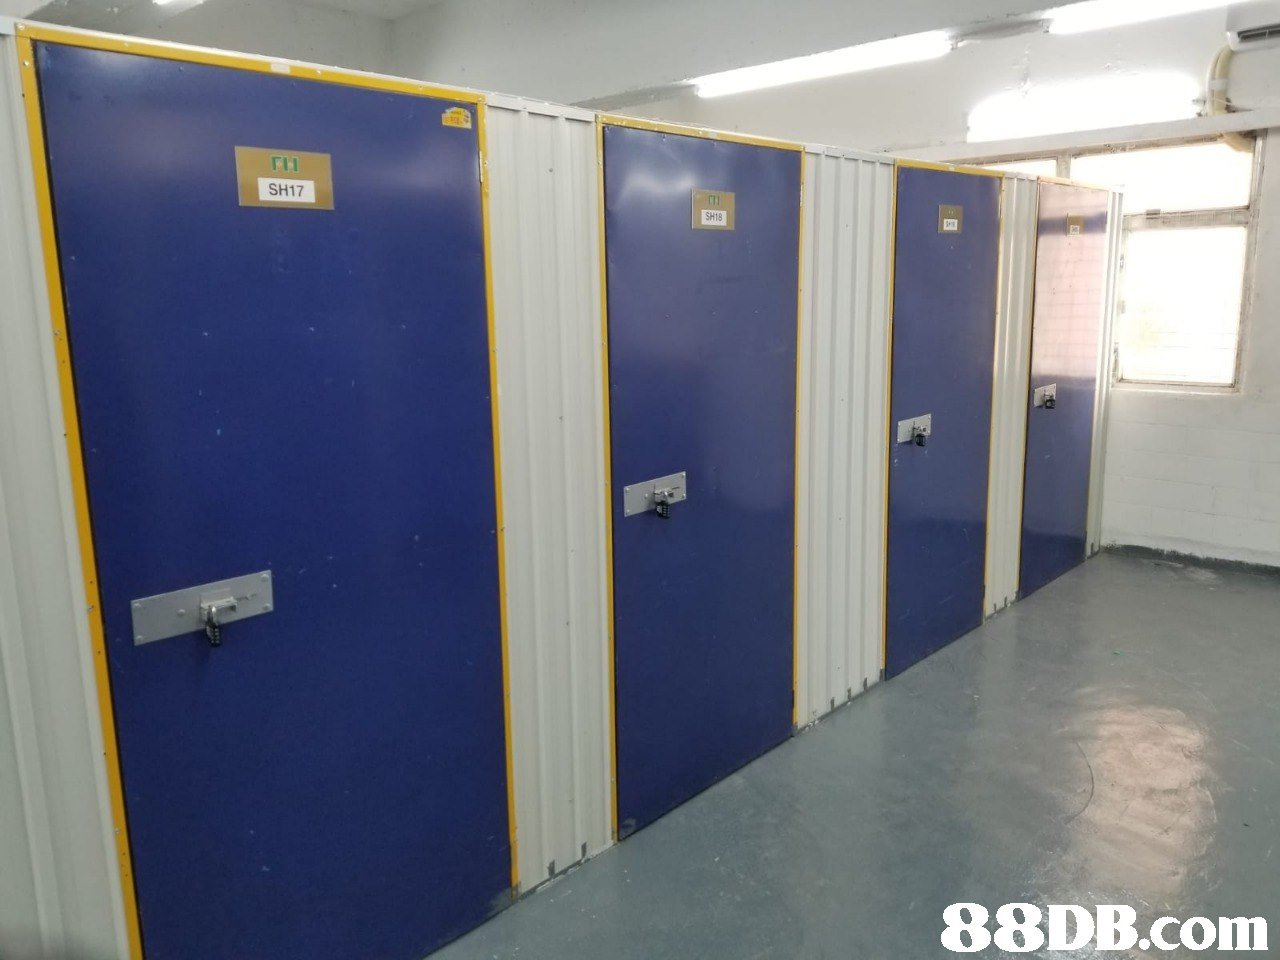 SH17 SH18   product,floor,door,